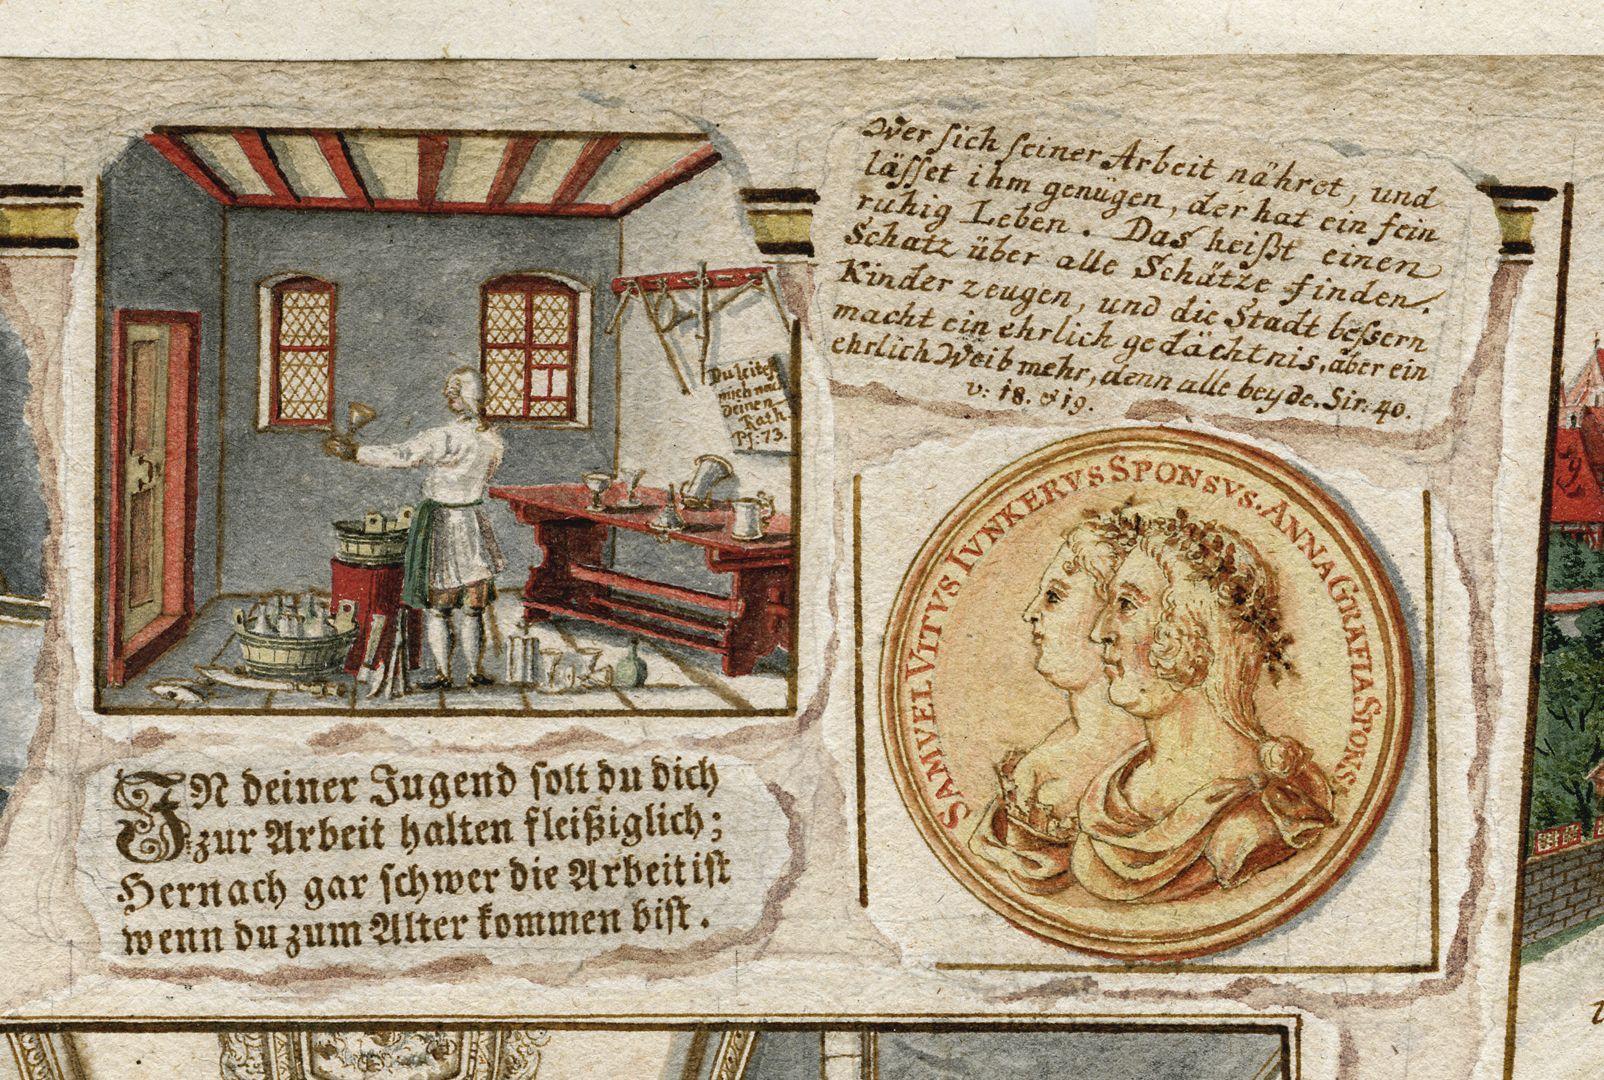 """Quodlibet zum Heilig-Geist-Spital """"Quodlibetzettel"""" am mittleren oberen Bildrand"""